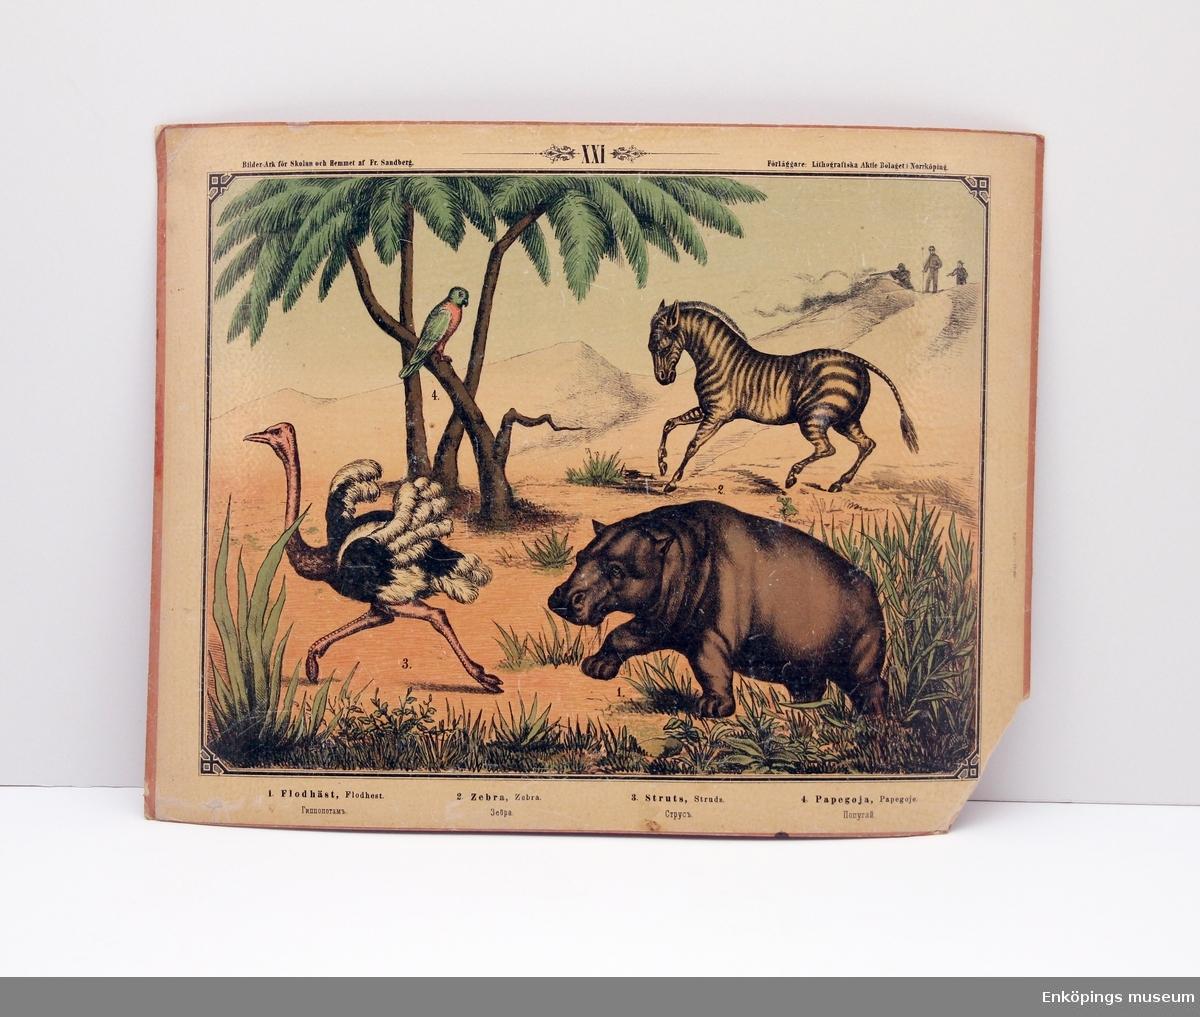 Skolplansch som visar olika däggdjur i Afrika. Från Litografiska Aktie Bolaget i Norrköping.  Skolplanscher användes i de flesta skolämnen under 1900-talet. År 1900 kom en ny läroplan (normalplan) där lektionerna skulle åskådliggöras för eleverna för att de skulle förstå bättre. Detta gjorde att räknestavar, skolplanscher, stora kartor och den svarta tavlan blev viktiga skolredskap.